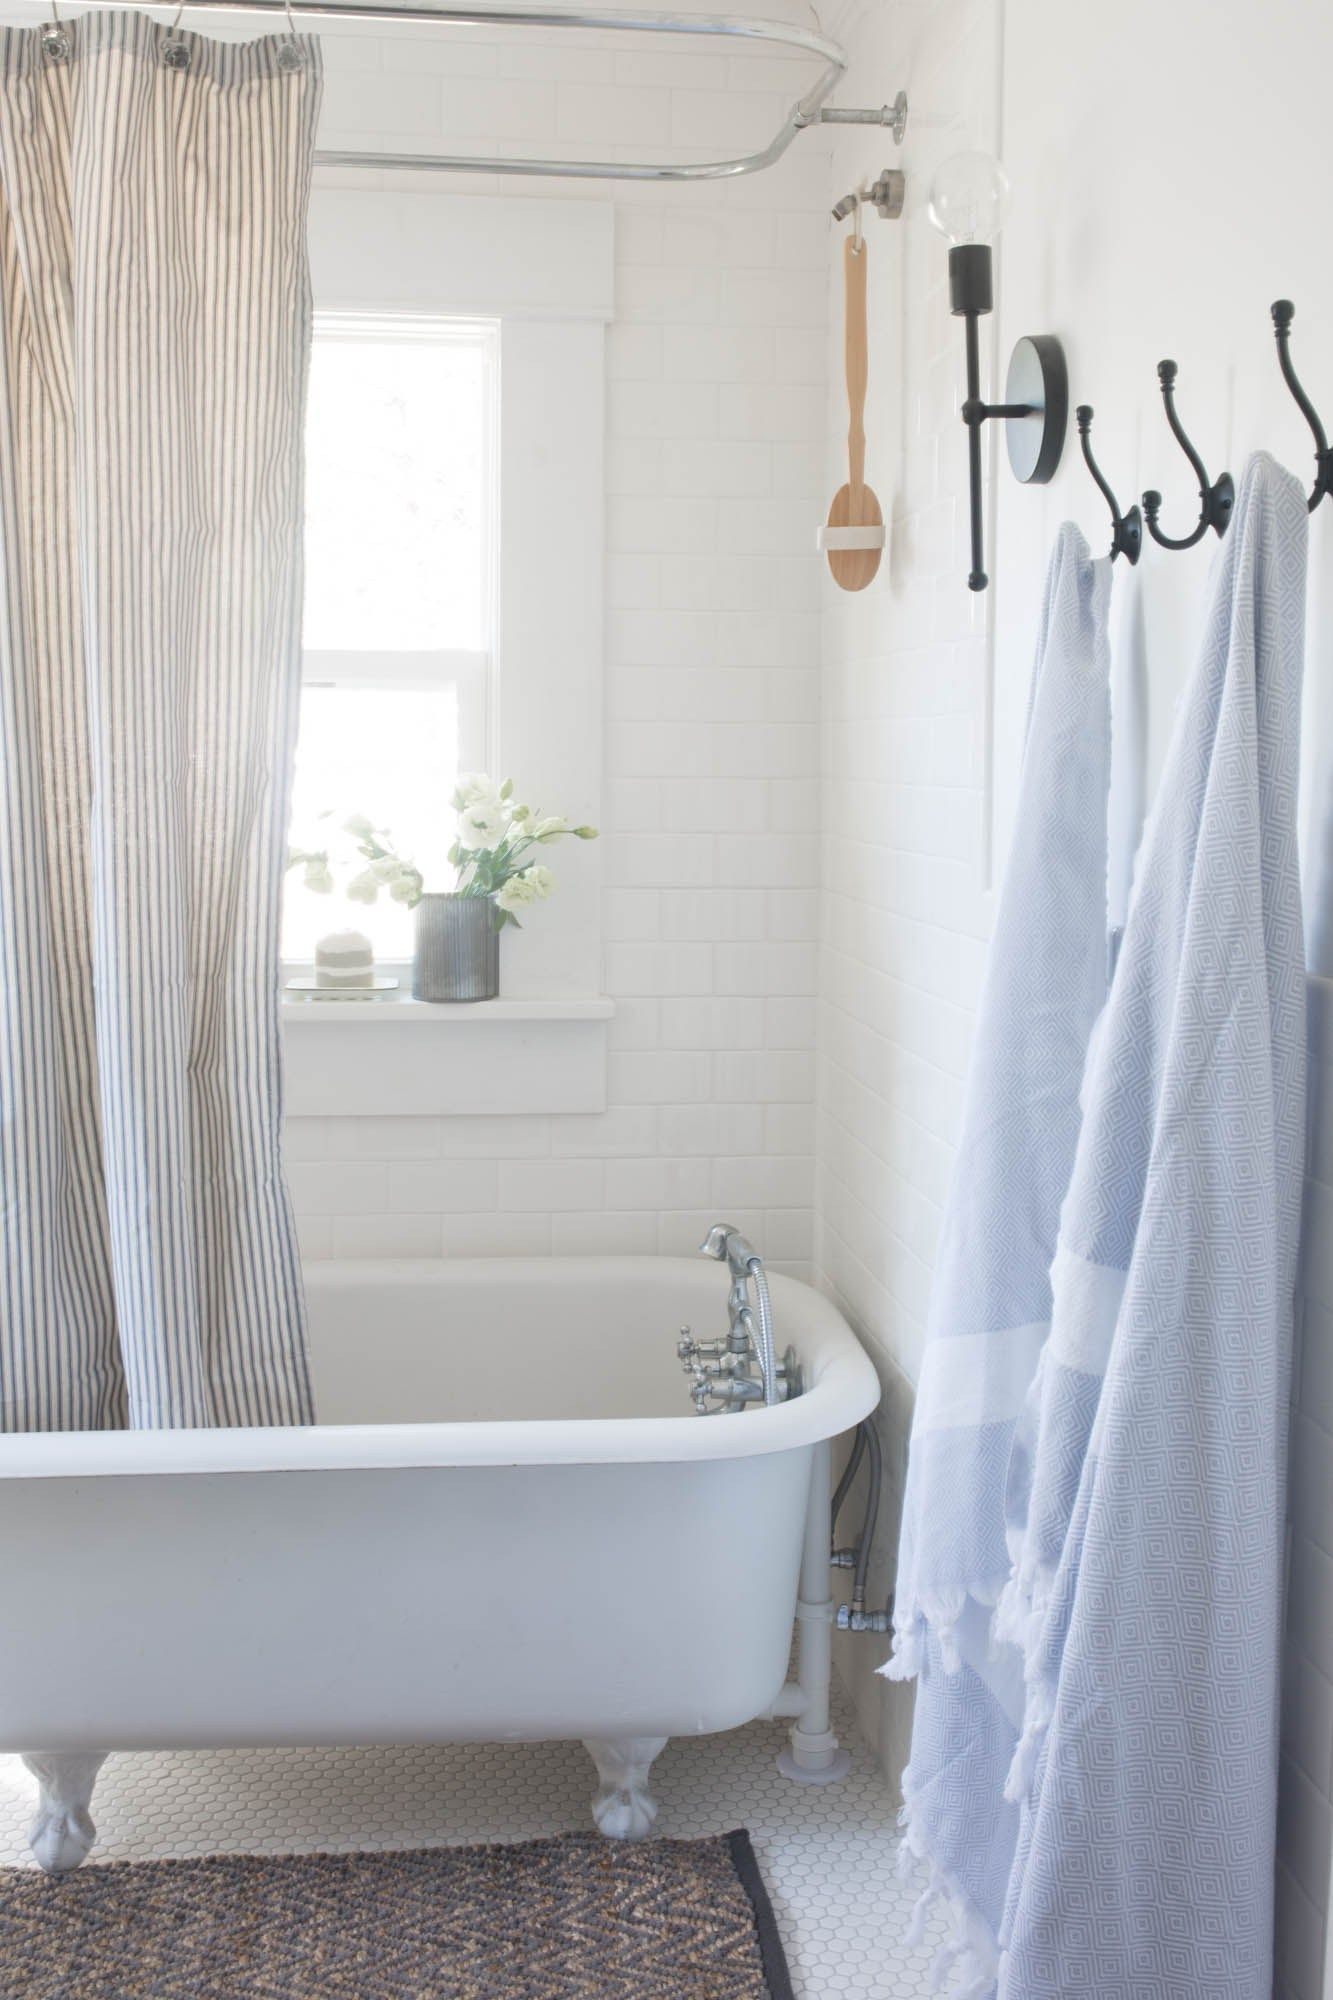 Farmhouse Bathroom Makeover Turkish Towels And Clawfoot Tub Bad Styling Badezimmer Renovierungen Bauernhaus Badezimmer